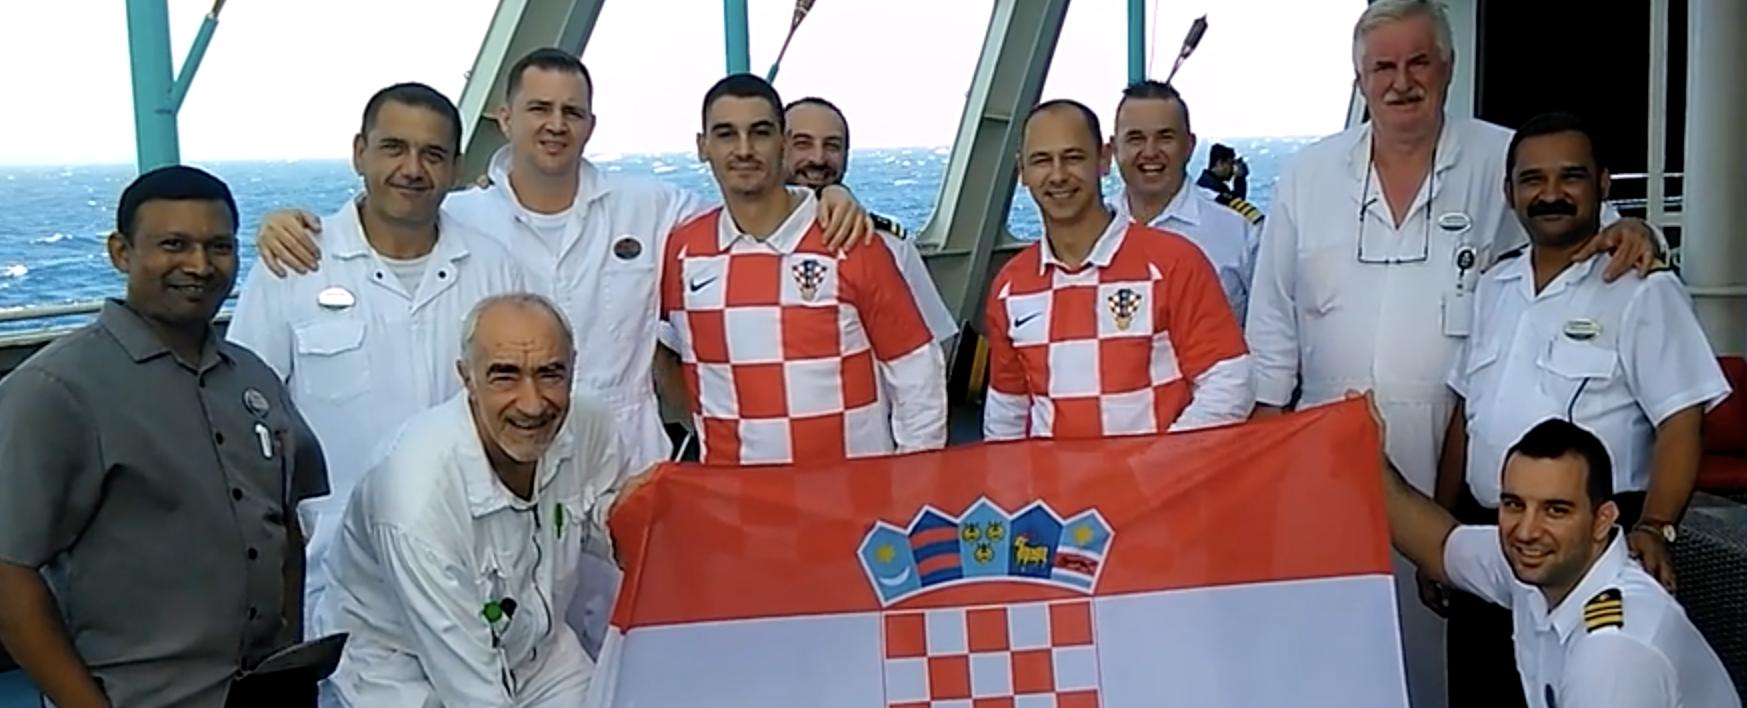 'Iznad svih, Hrvatska!' Navijači imaju poruku za svoje Vatrene!